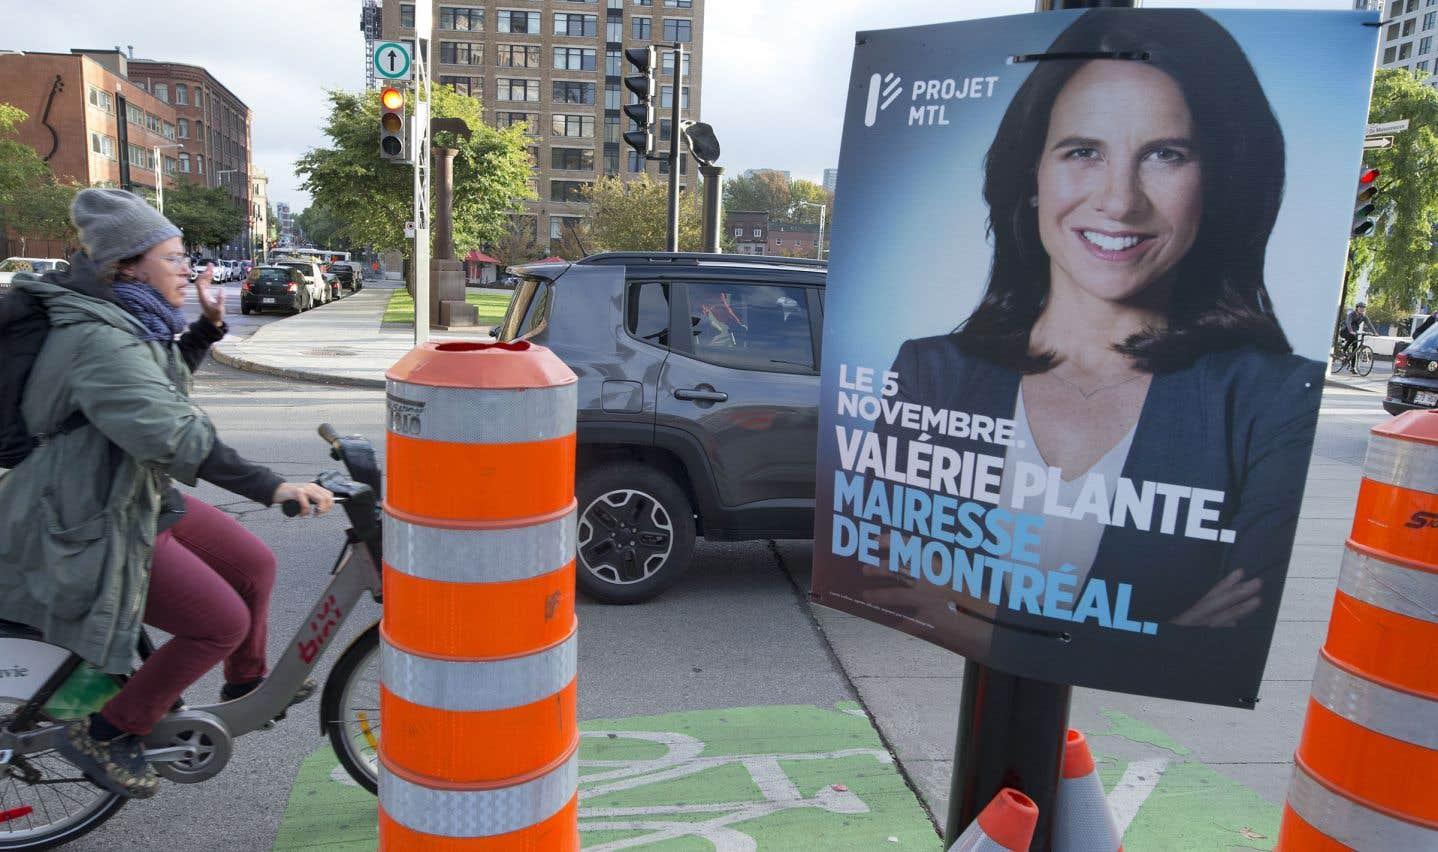 Réseau de voies sécurisées pour vélo, construction de la ligne rose du métro, ajout de 300 autobus hybrides: Valérie Plante s'est engagée à élargir l'offre de transports aux Montréalais.